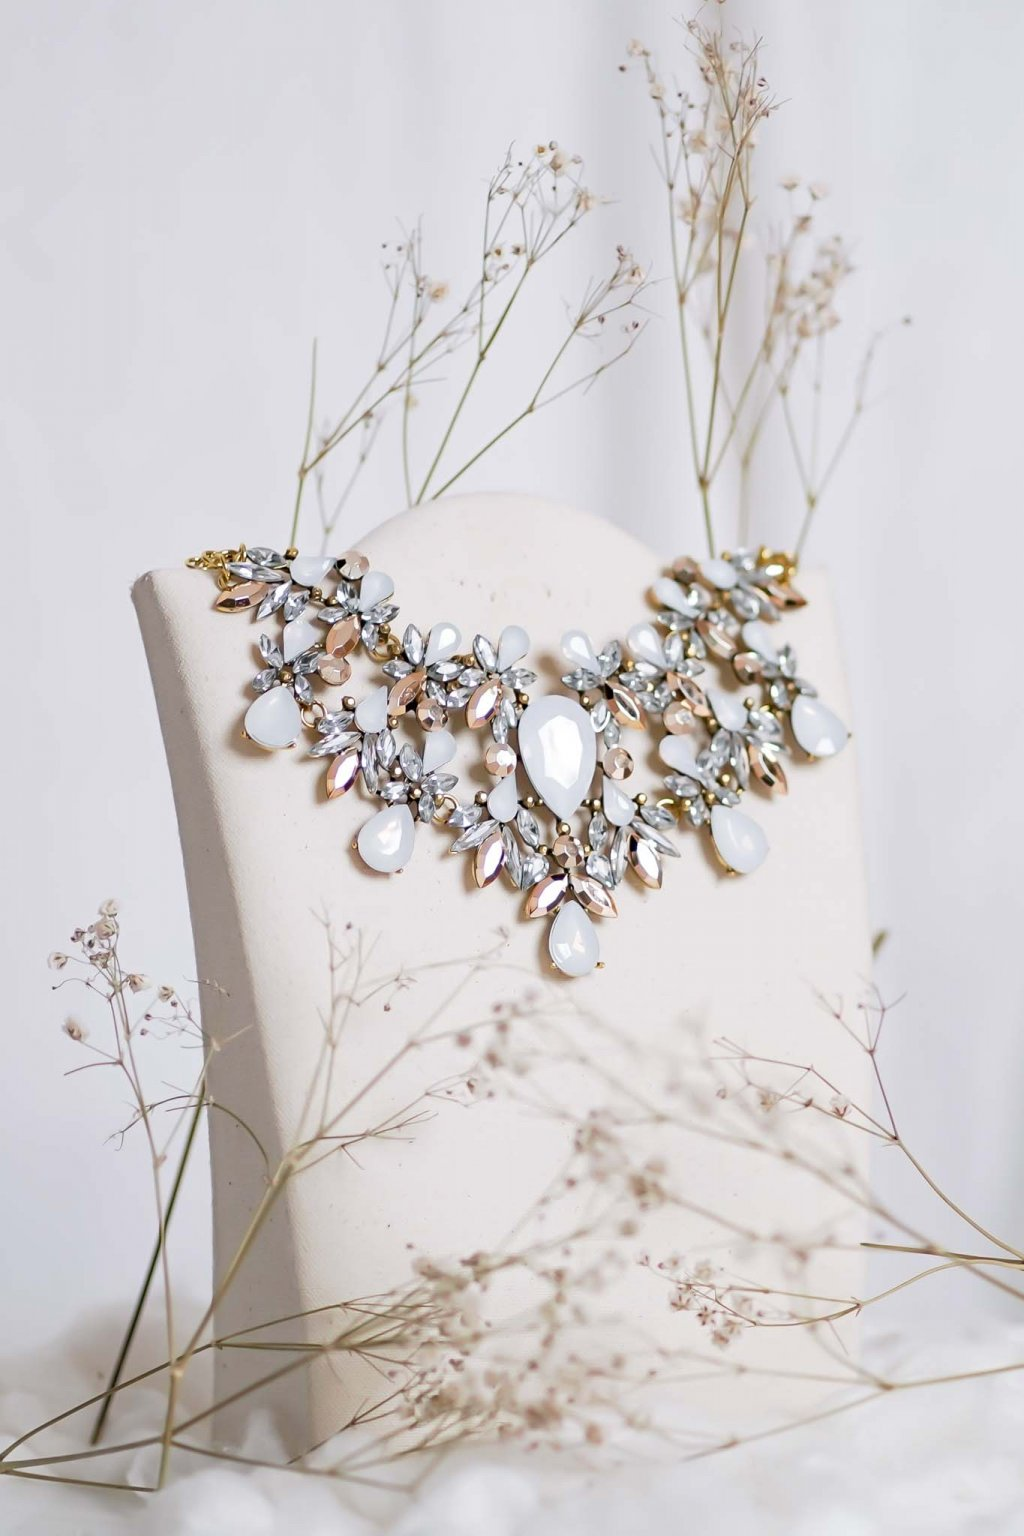 náhrdelník, spoločenský, bežný deň, kamienkový, farebný, čierny, strieborný, zelený, cyklamenévy, náhrdelník, bižuteria, šperk, šperky, ples, stužková, svadba, 116